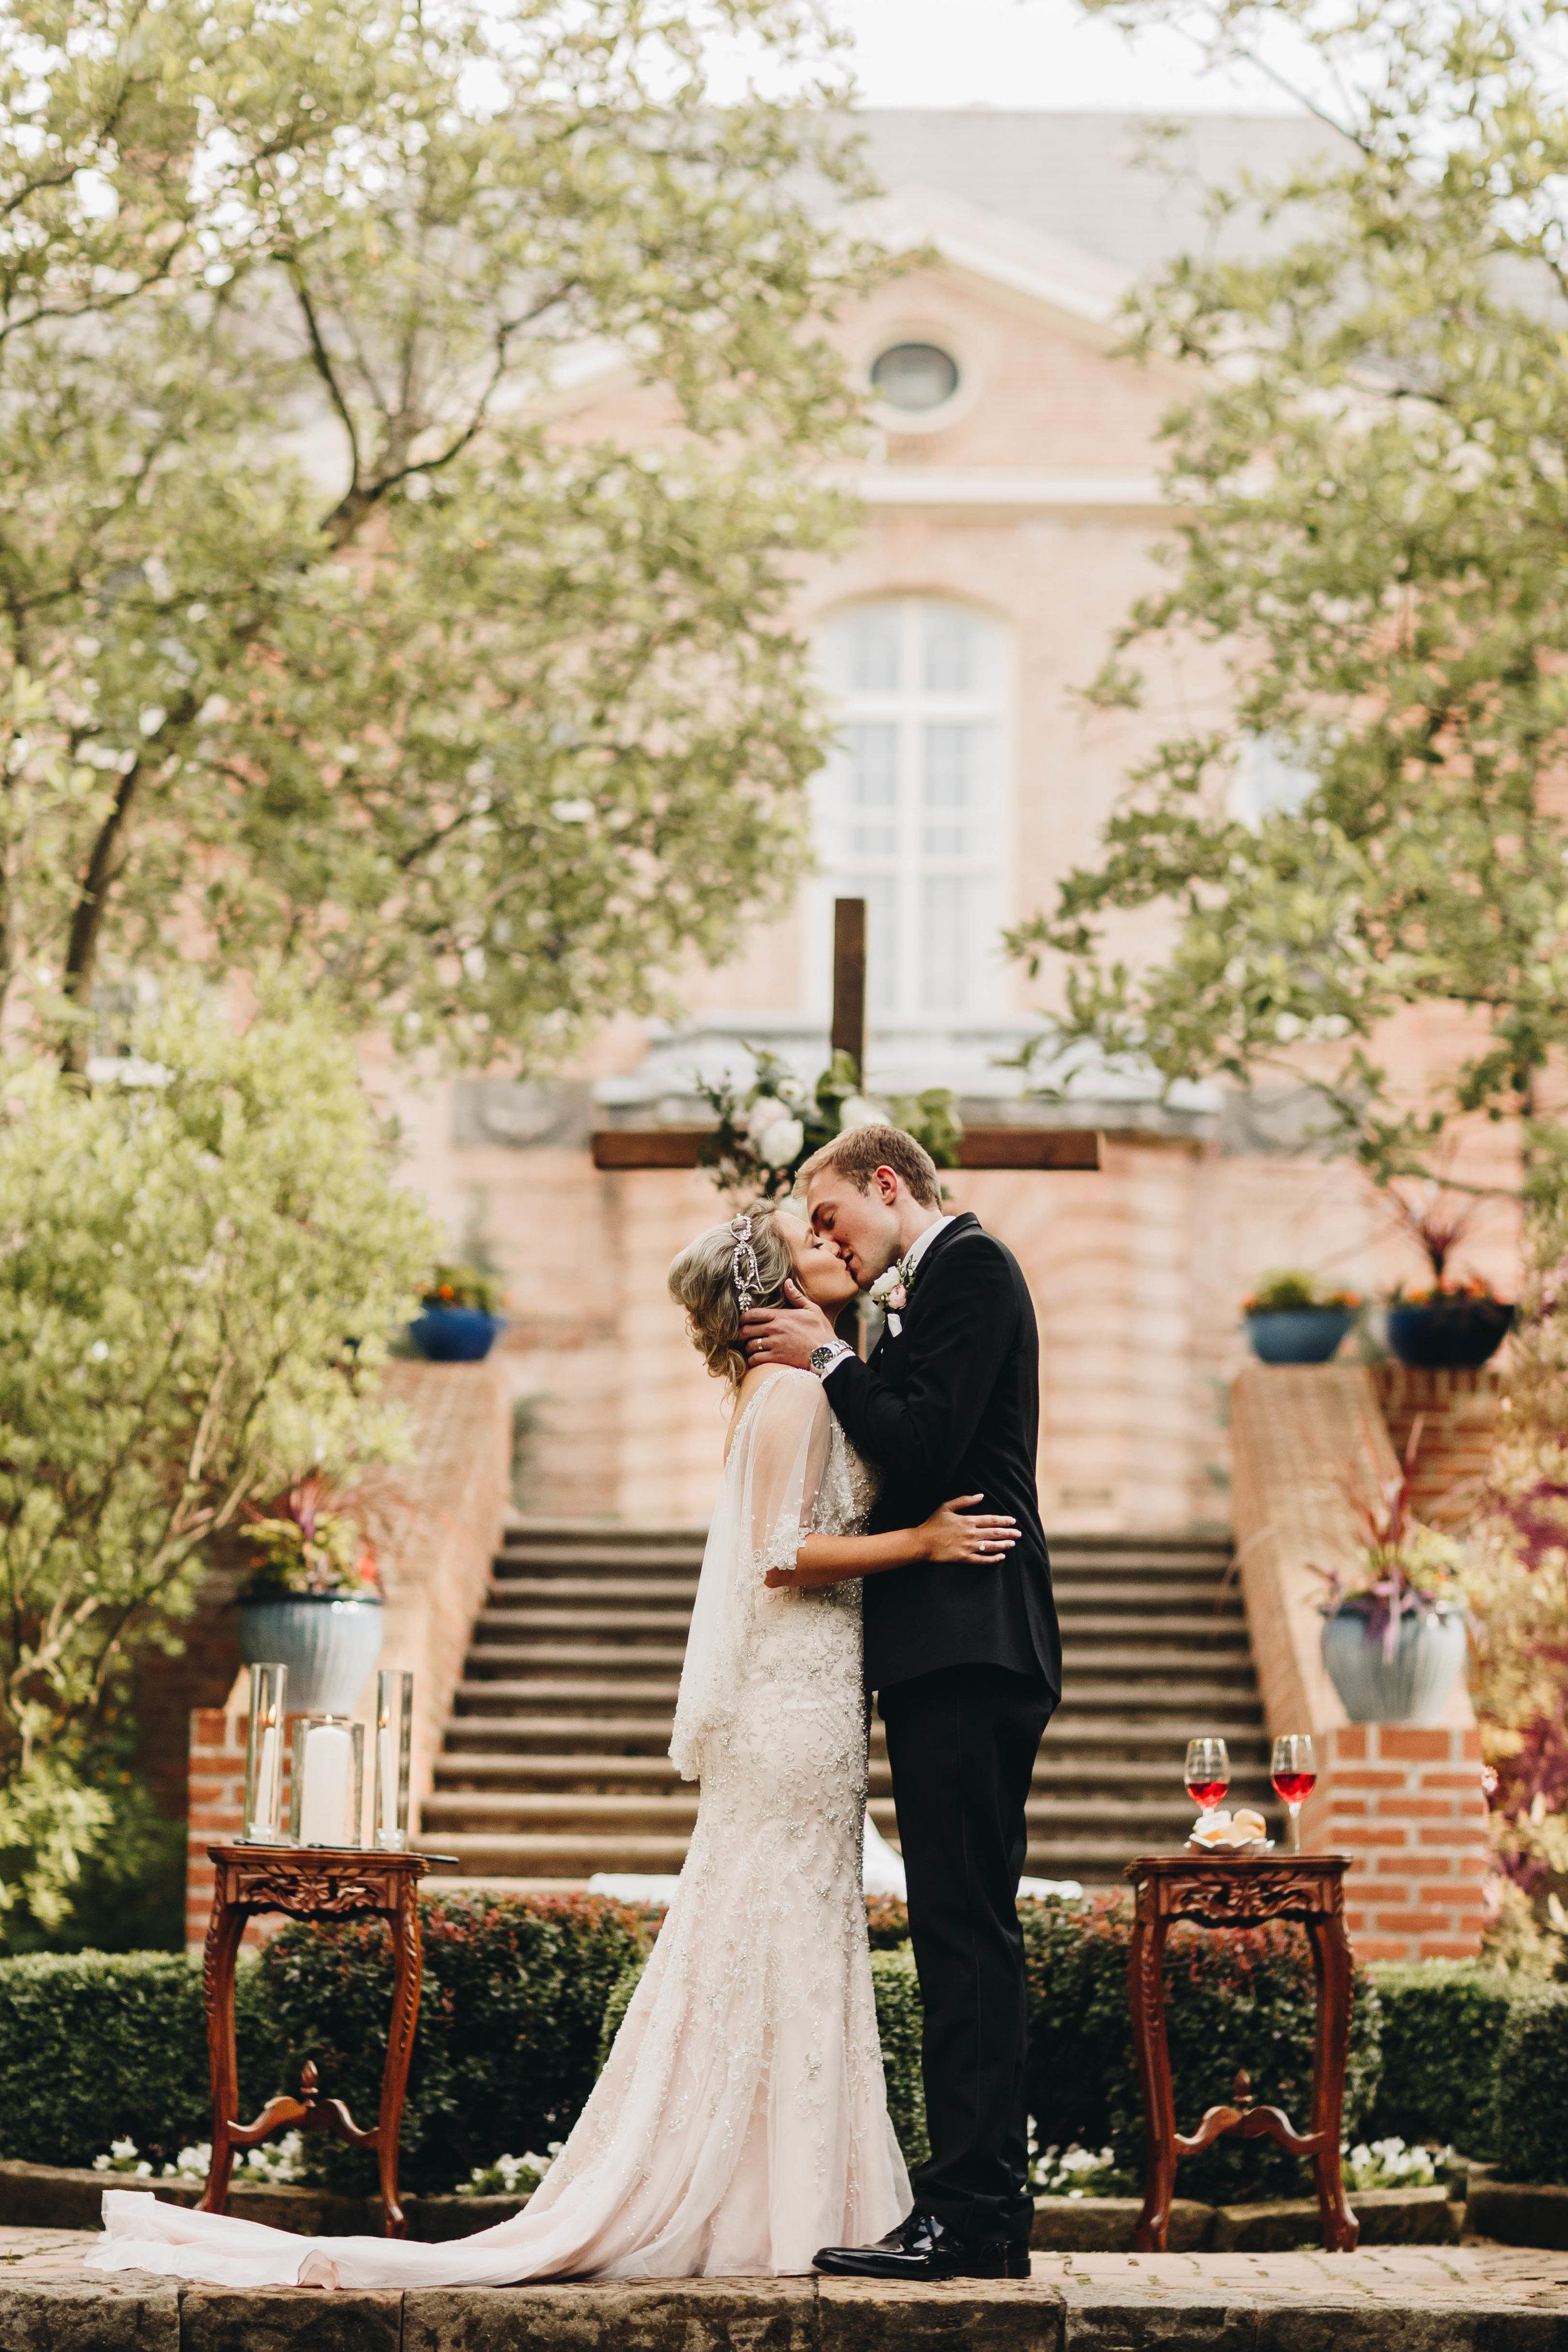 Cincinnati+wedding+photographer-38.jpeg